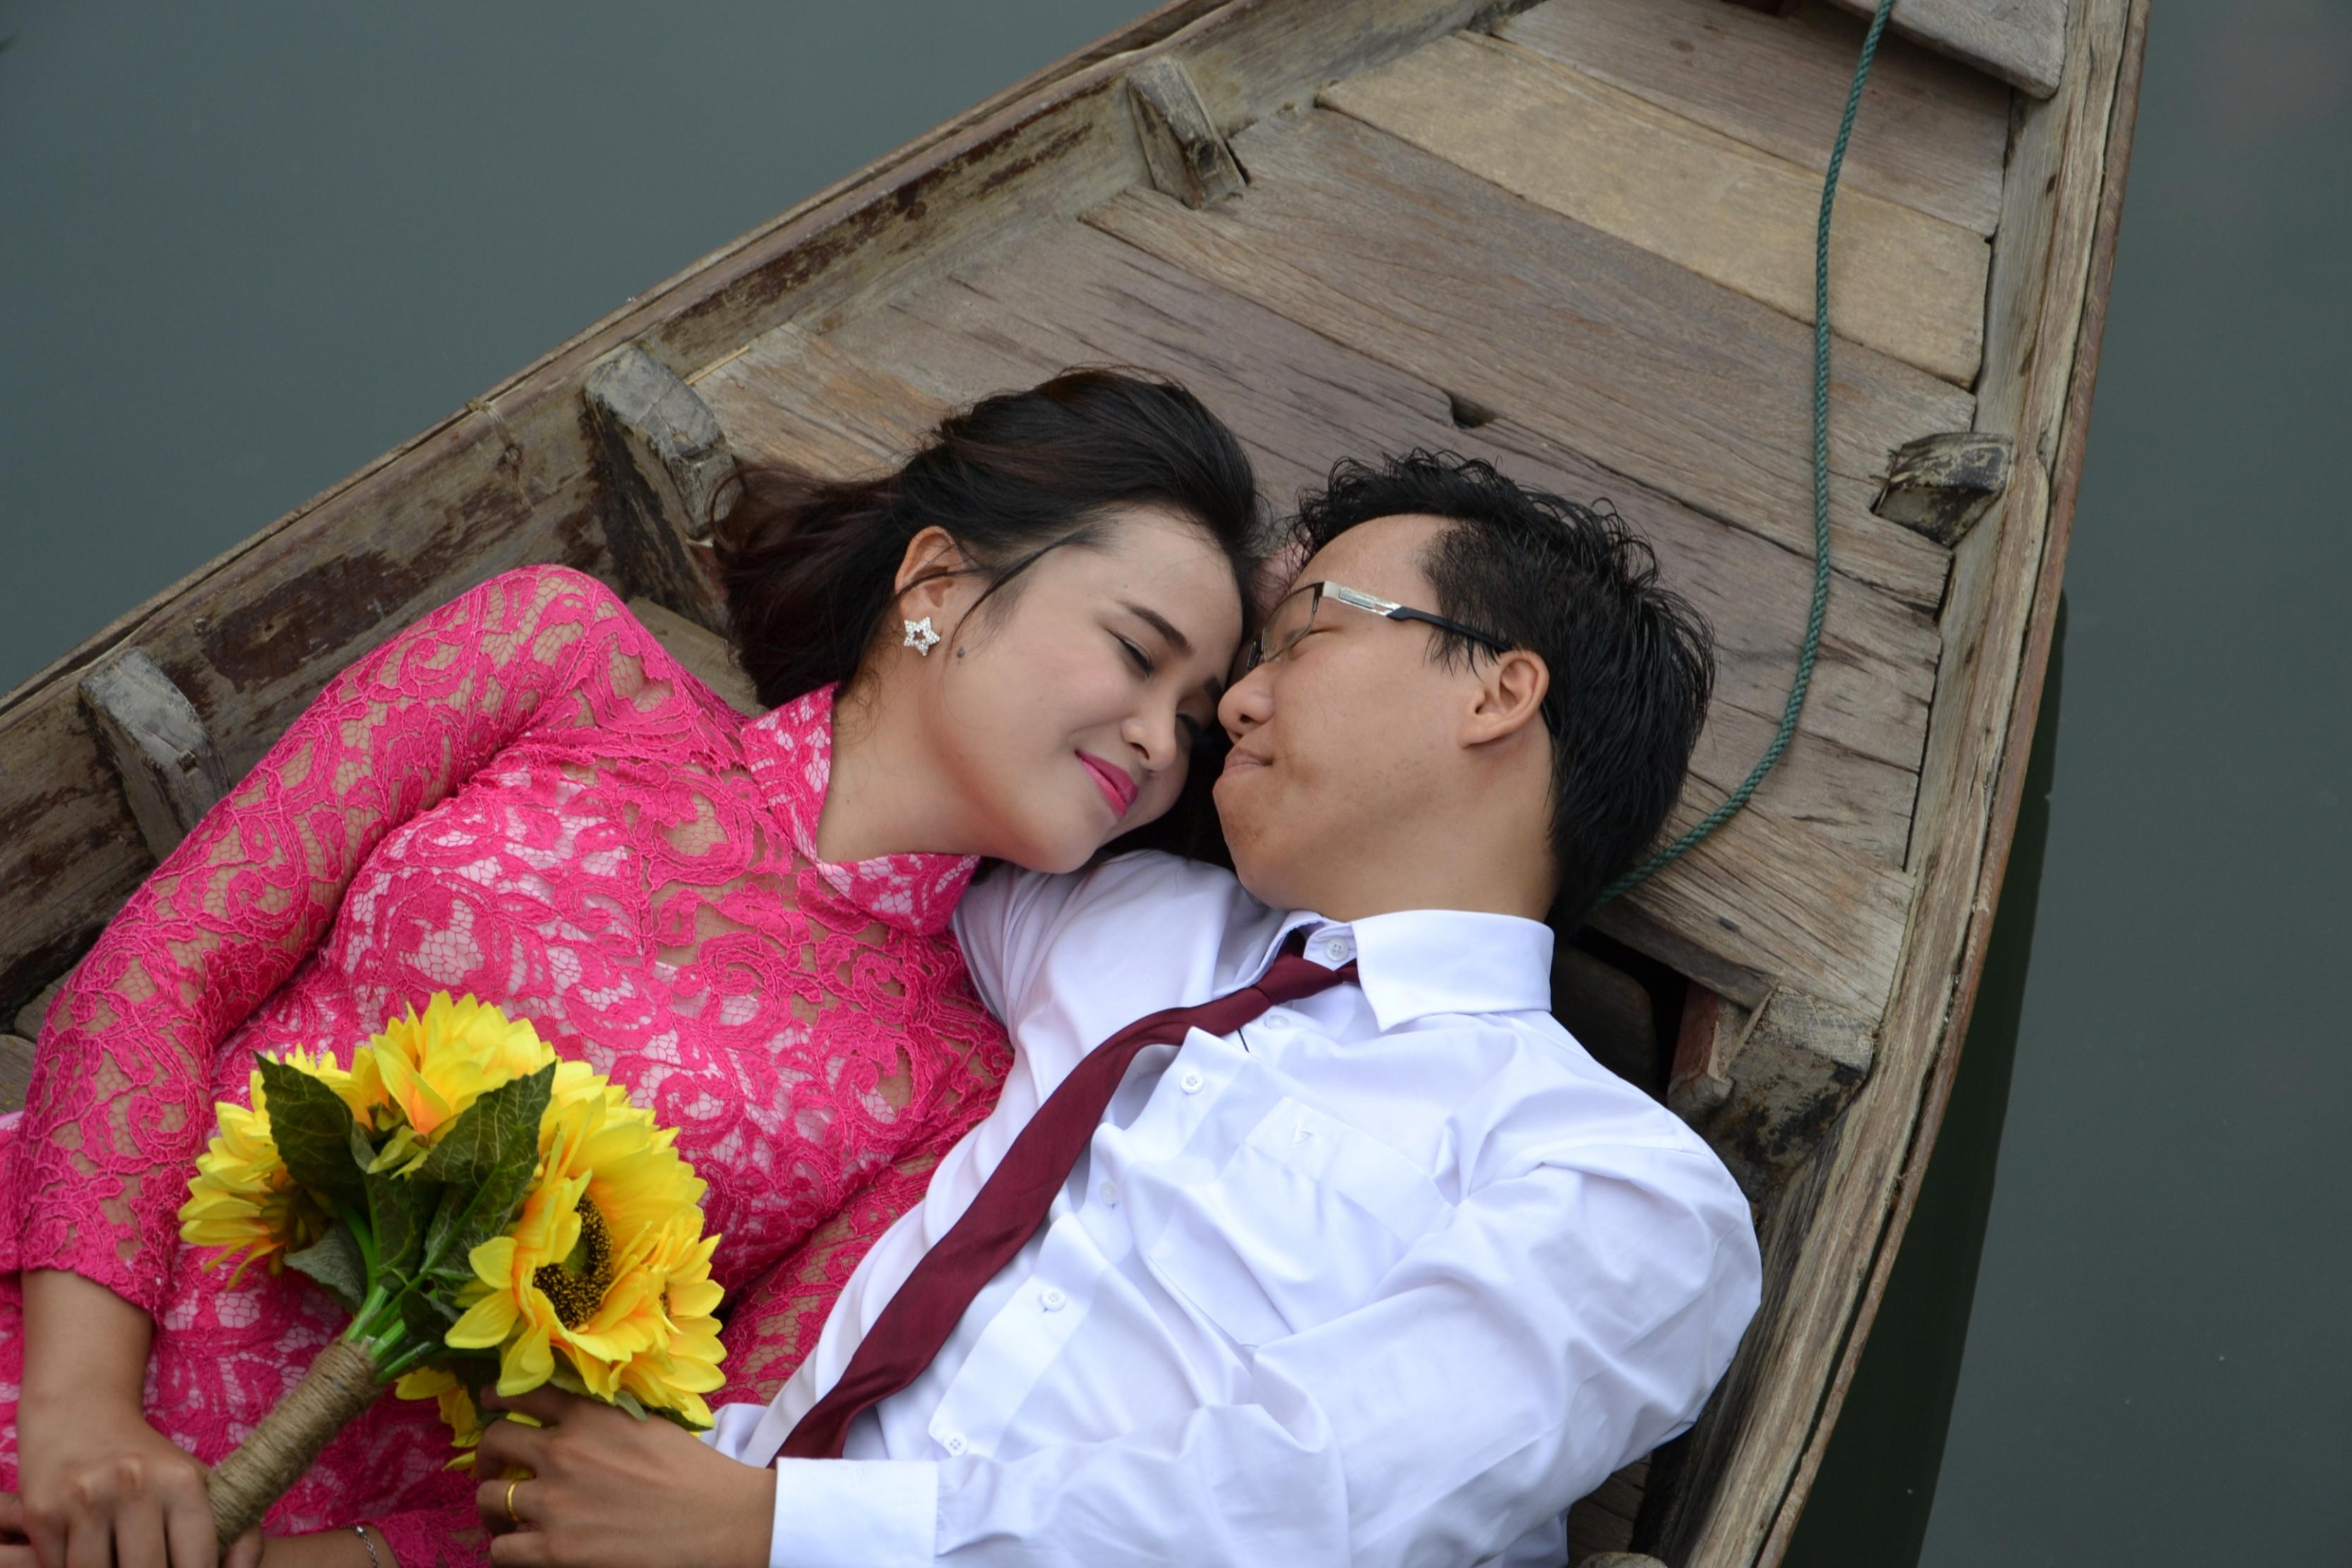 صورة صور رومانسية ساخنة , اجمل الصور الرومانسية للحبيبين